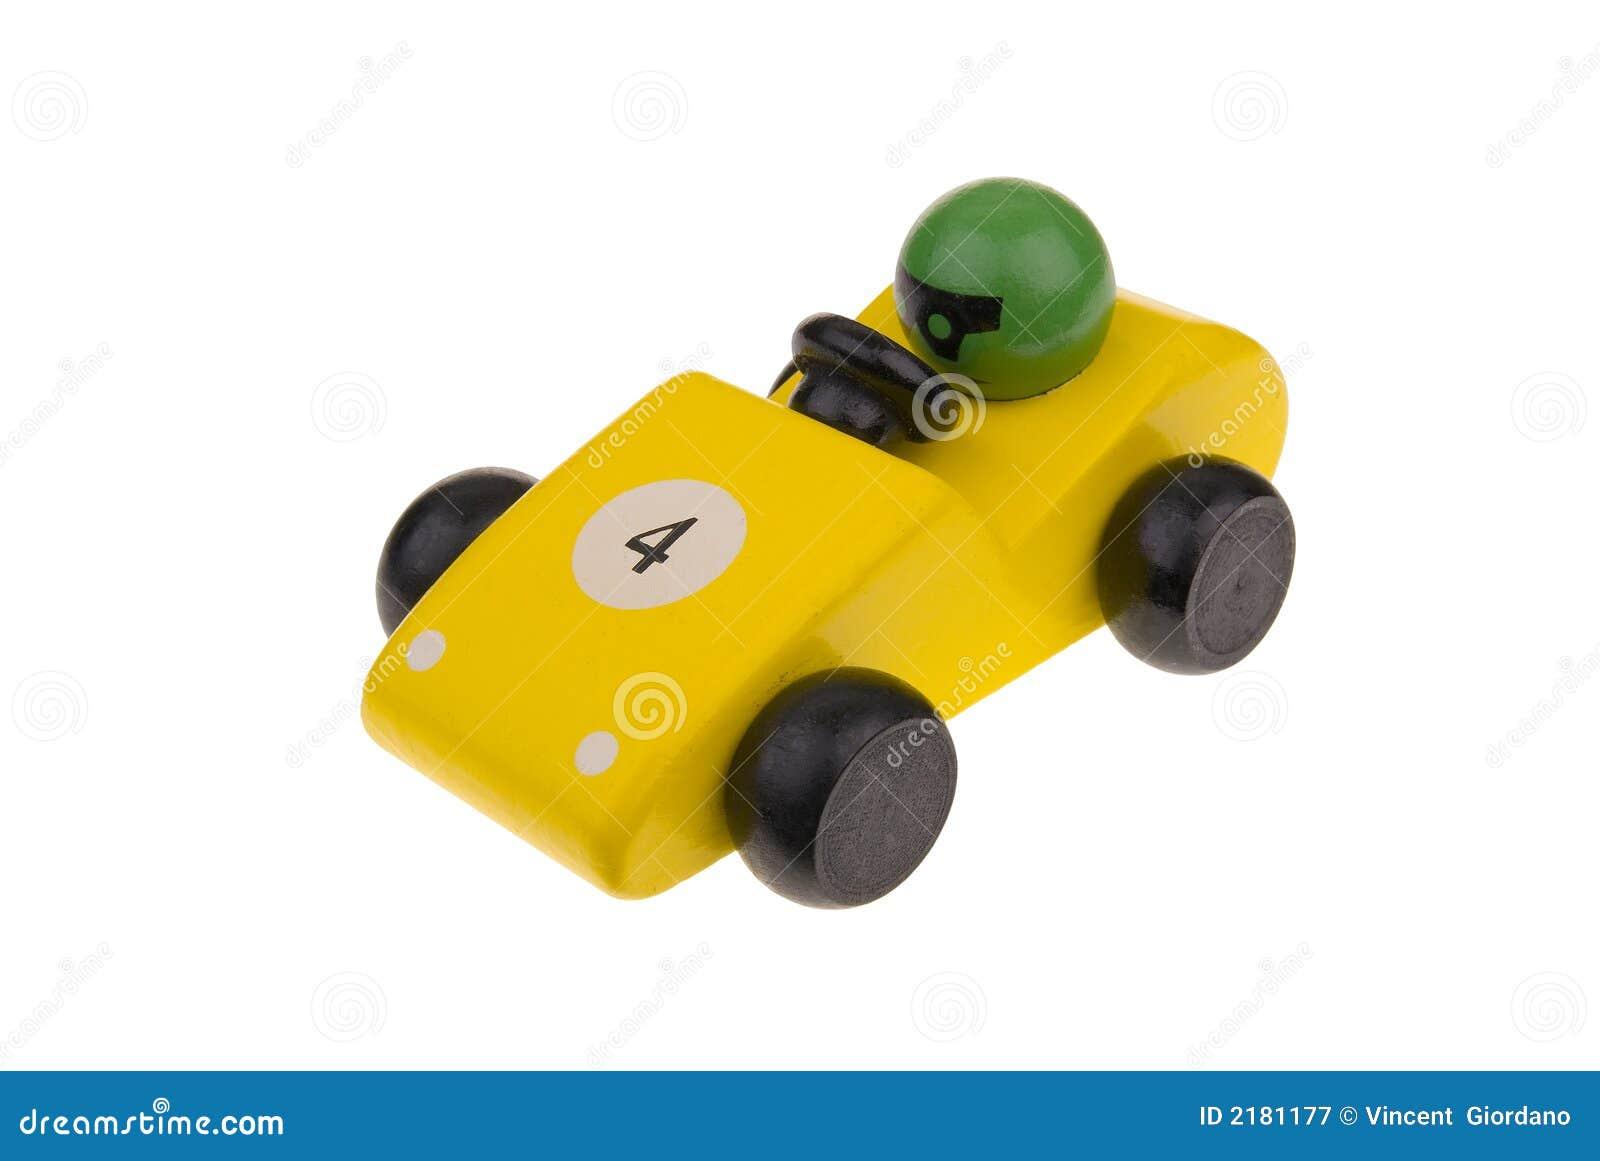 Wooden Race Cars Plans